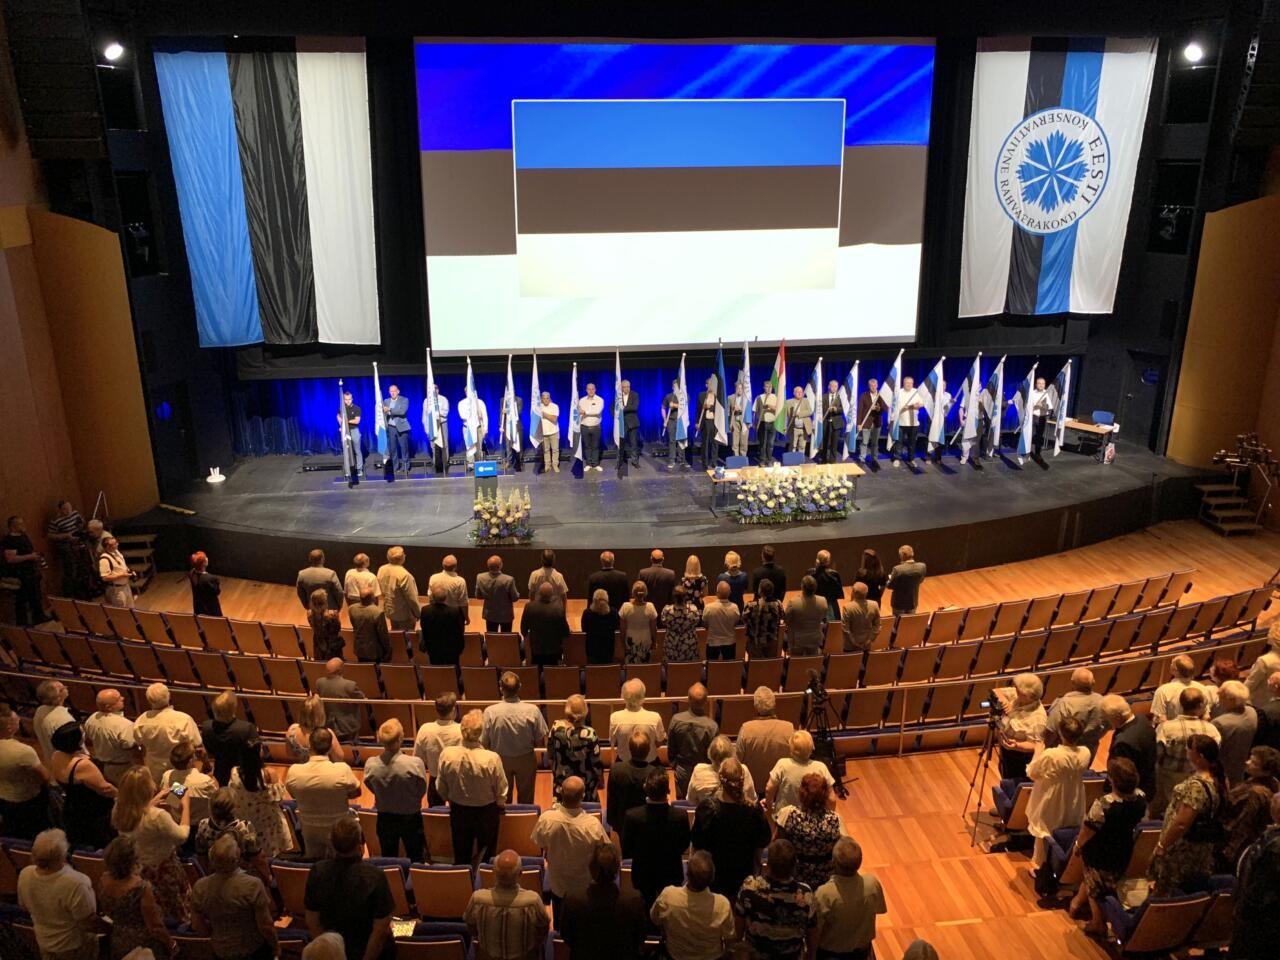 Politoloog: kui koalitsioon teeb tõsiseid vigu, pole EKRE saamine peaministriparteiks sugugi võimatu